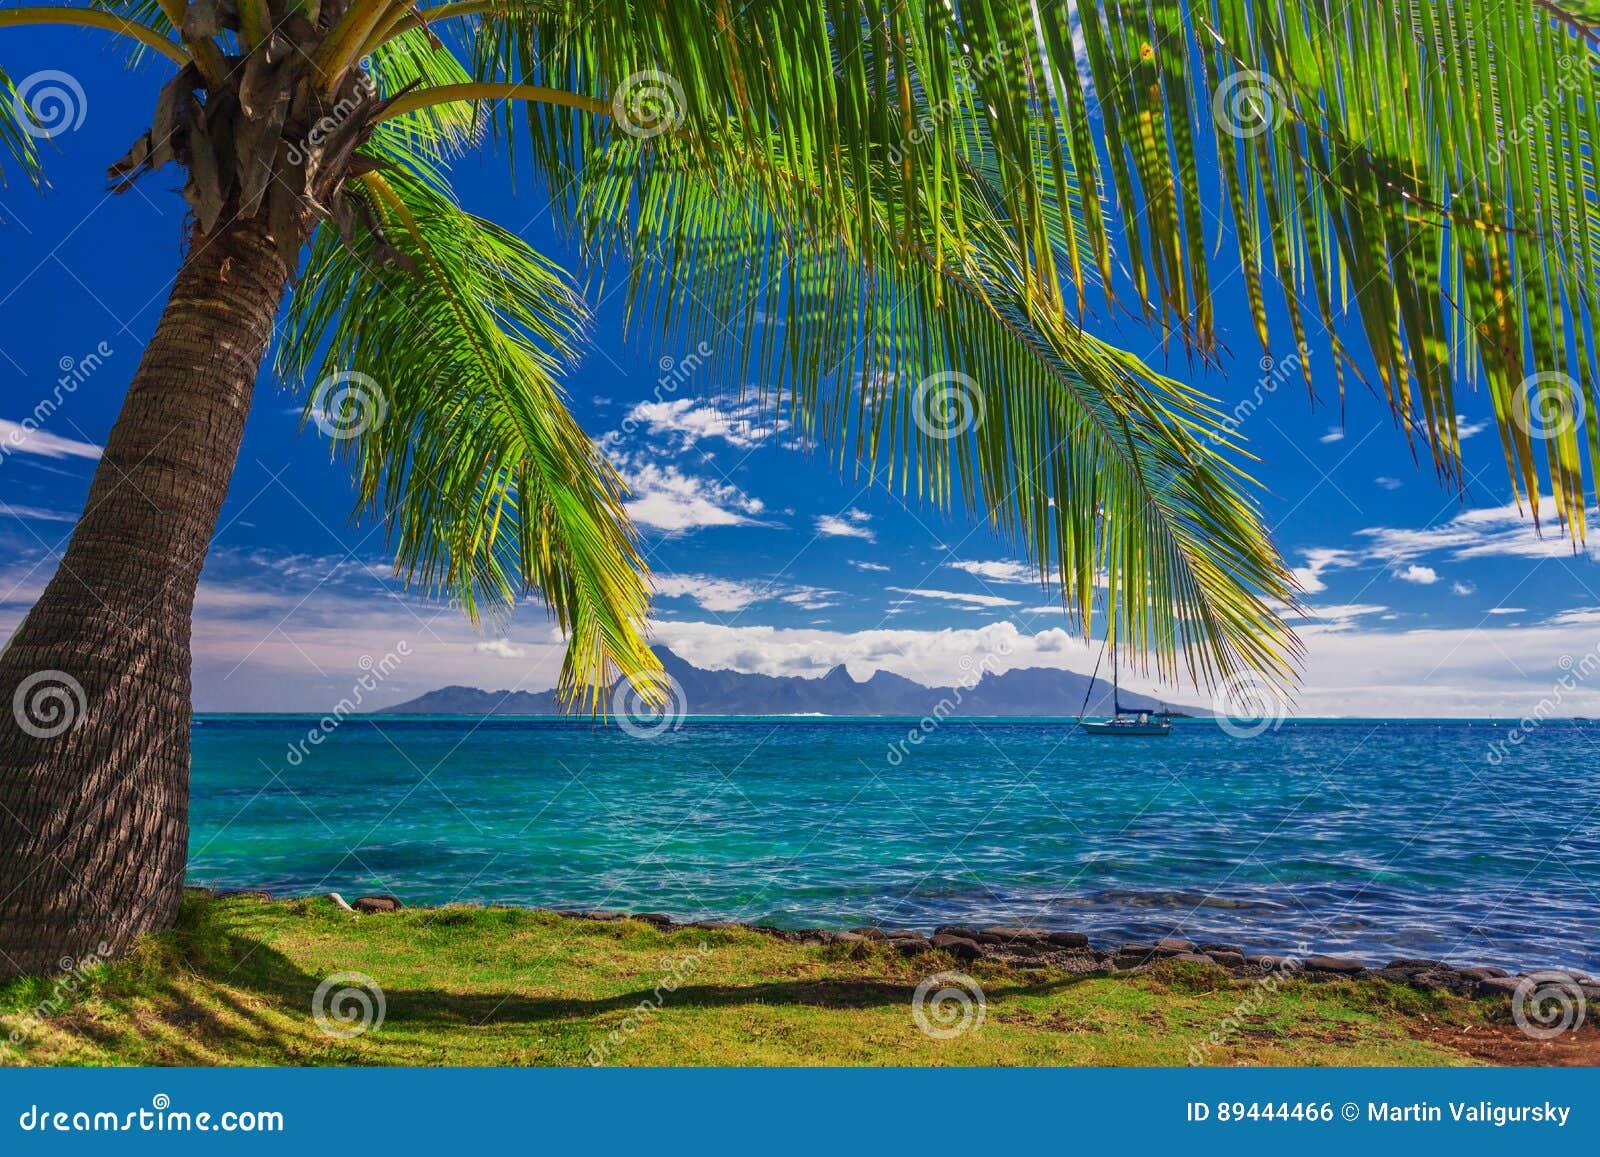 Palmeira na praia em Tahiti com a vista da ilha de Moorea